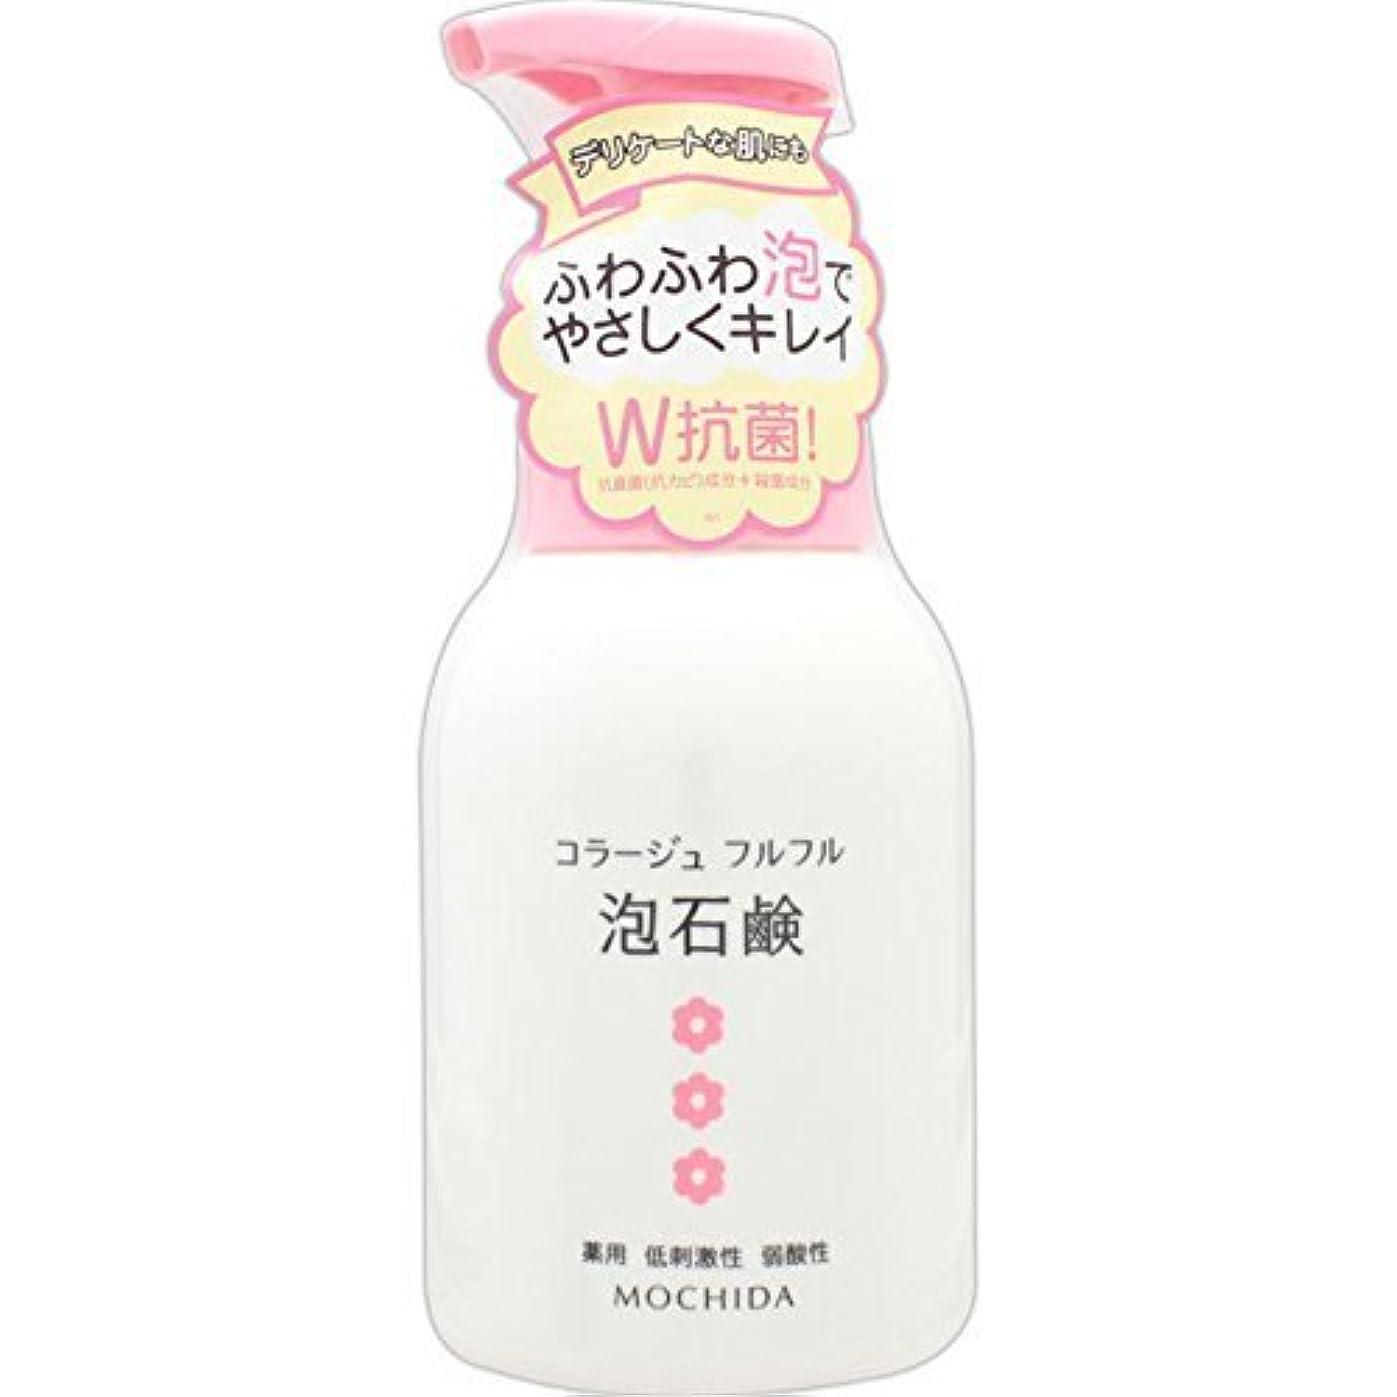 コラージュフルフル 泡石鹸 ピンク 300m L (医薬部外品) ×5